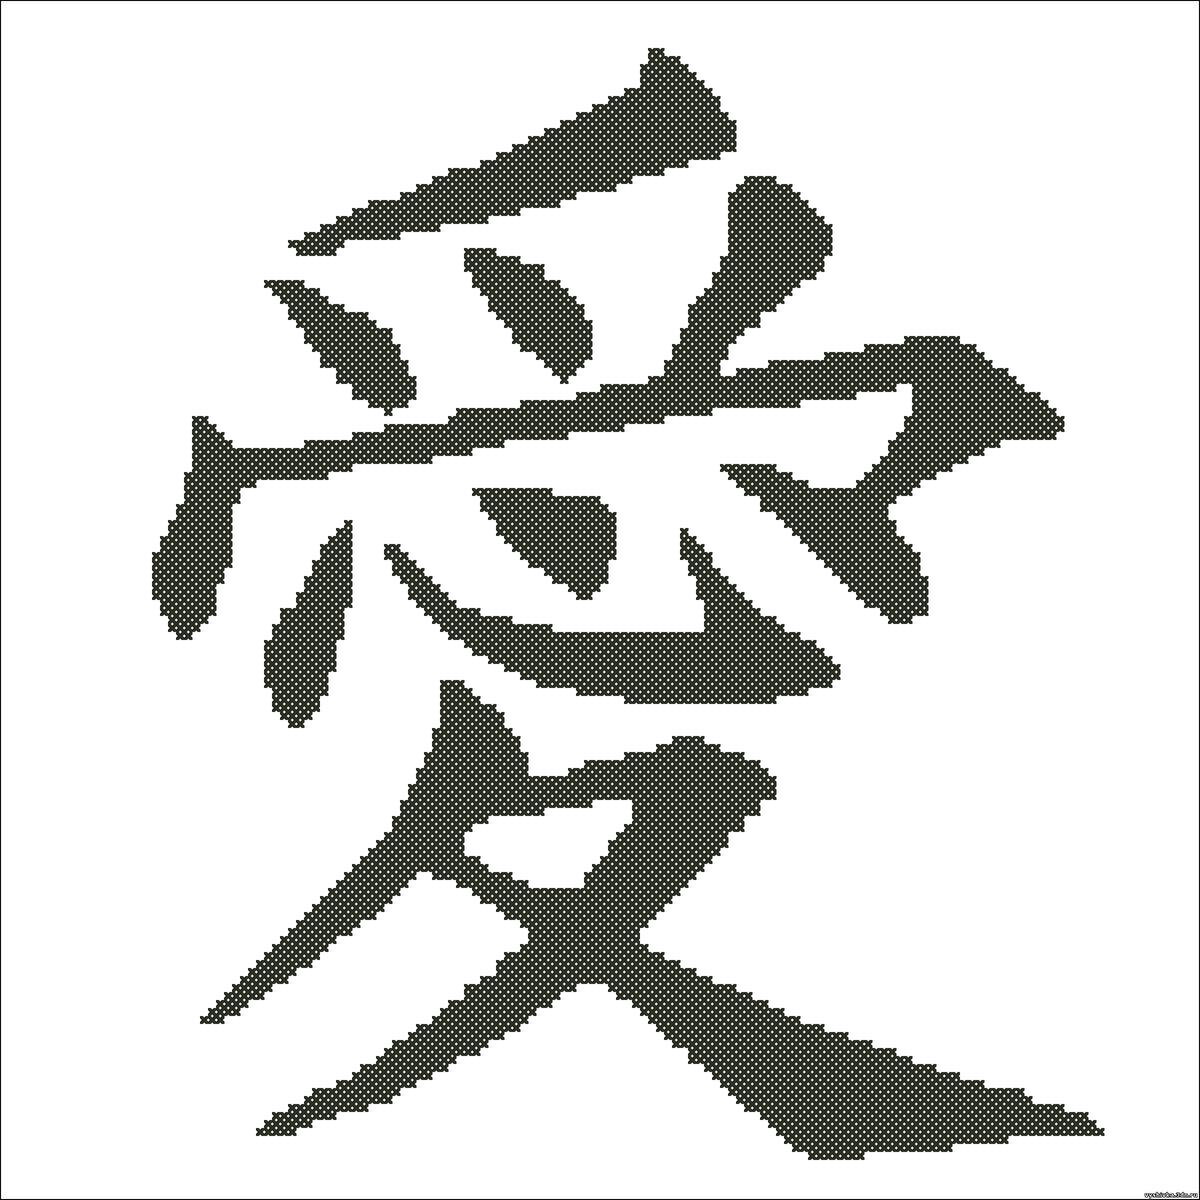 икона японский знак любви картинки тату масленникова украинская